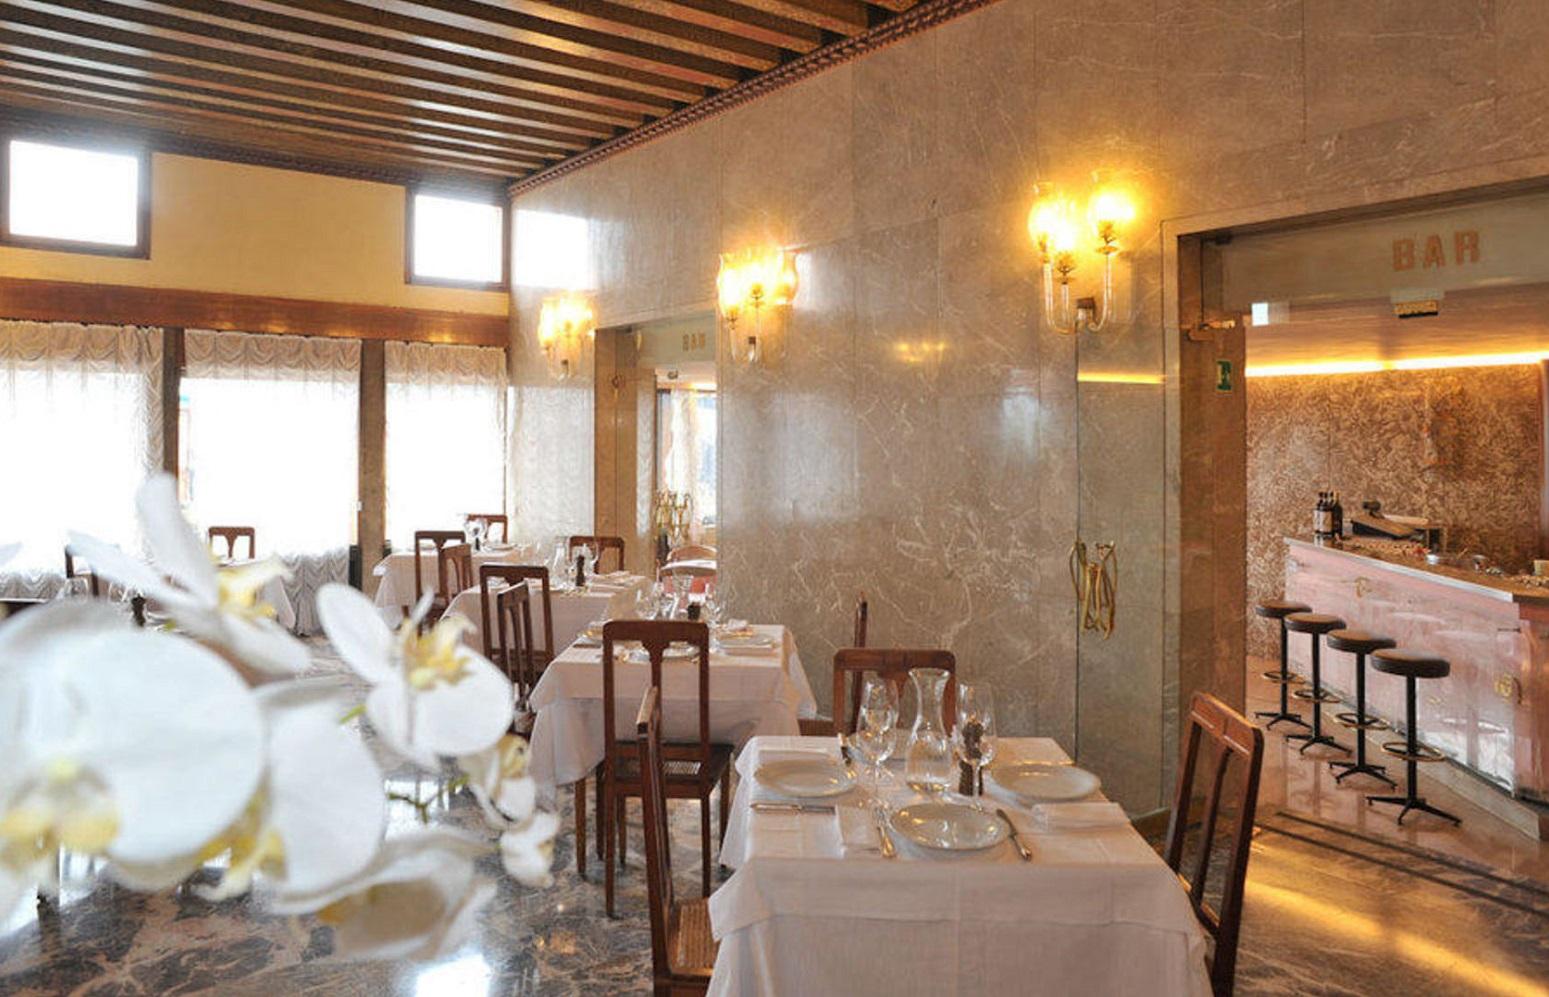 http://extranet.jetlinetravel.info/express-images/express-Hotel-Gabrielli-Venice%20%284%29.jpg